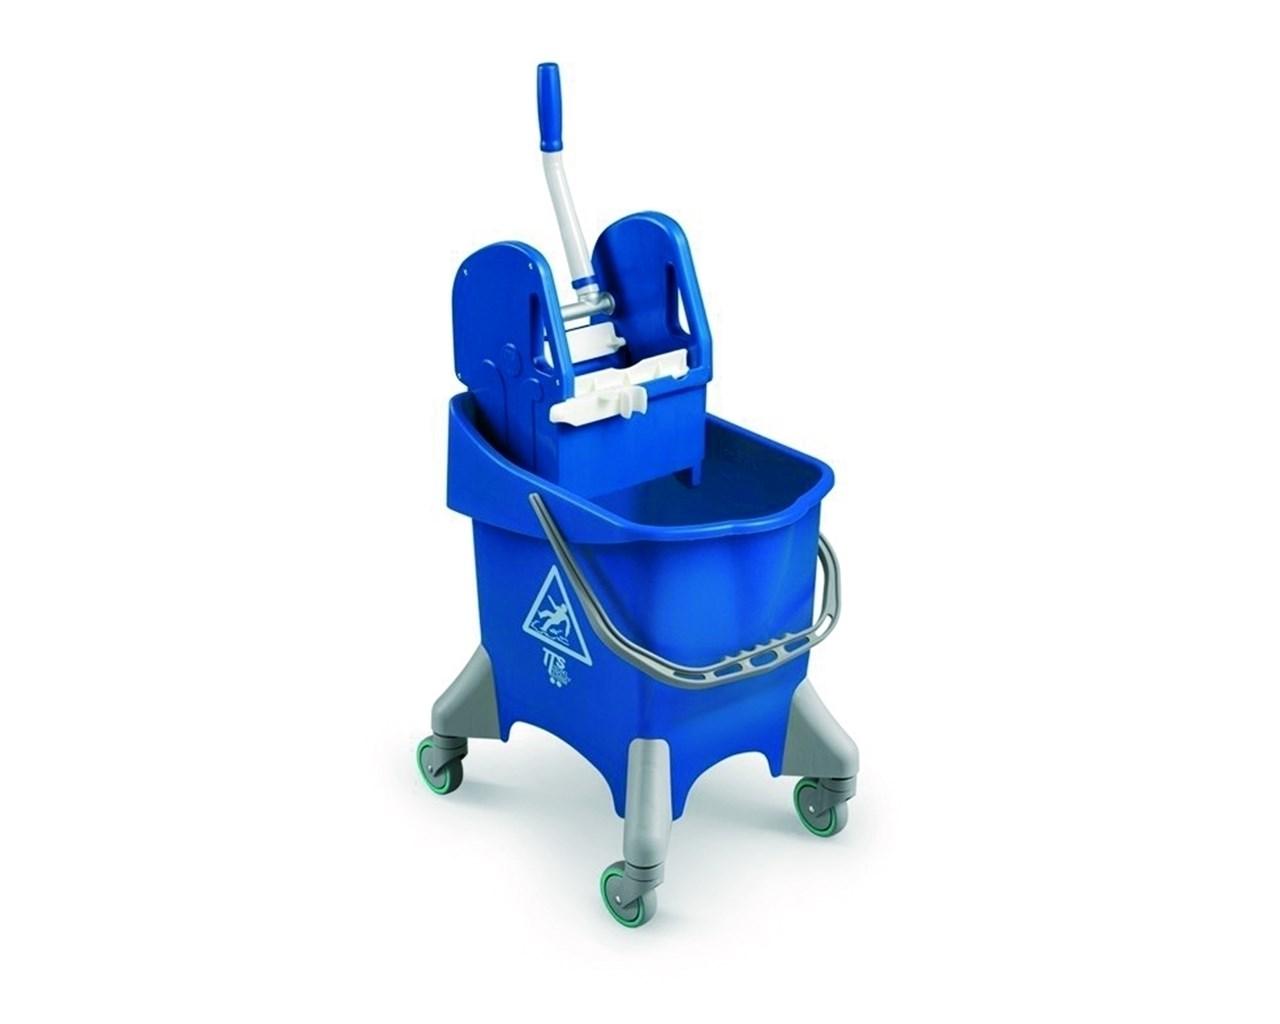 Rh Pro Mop Bucket 30 Litres Ramon Hygiene 6475